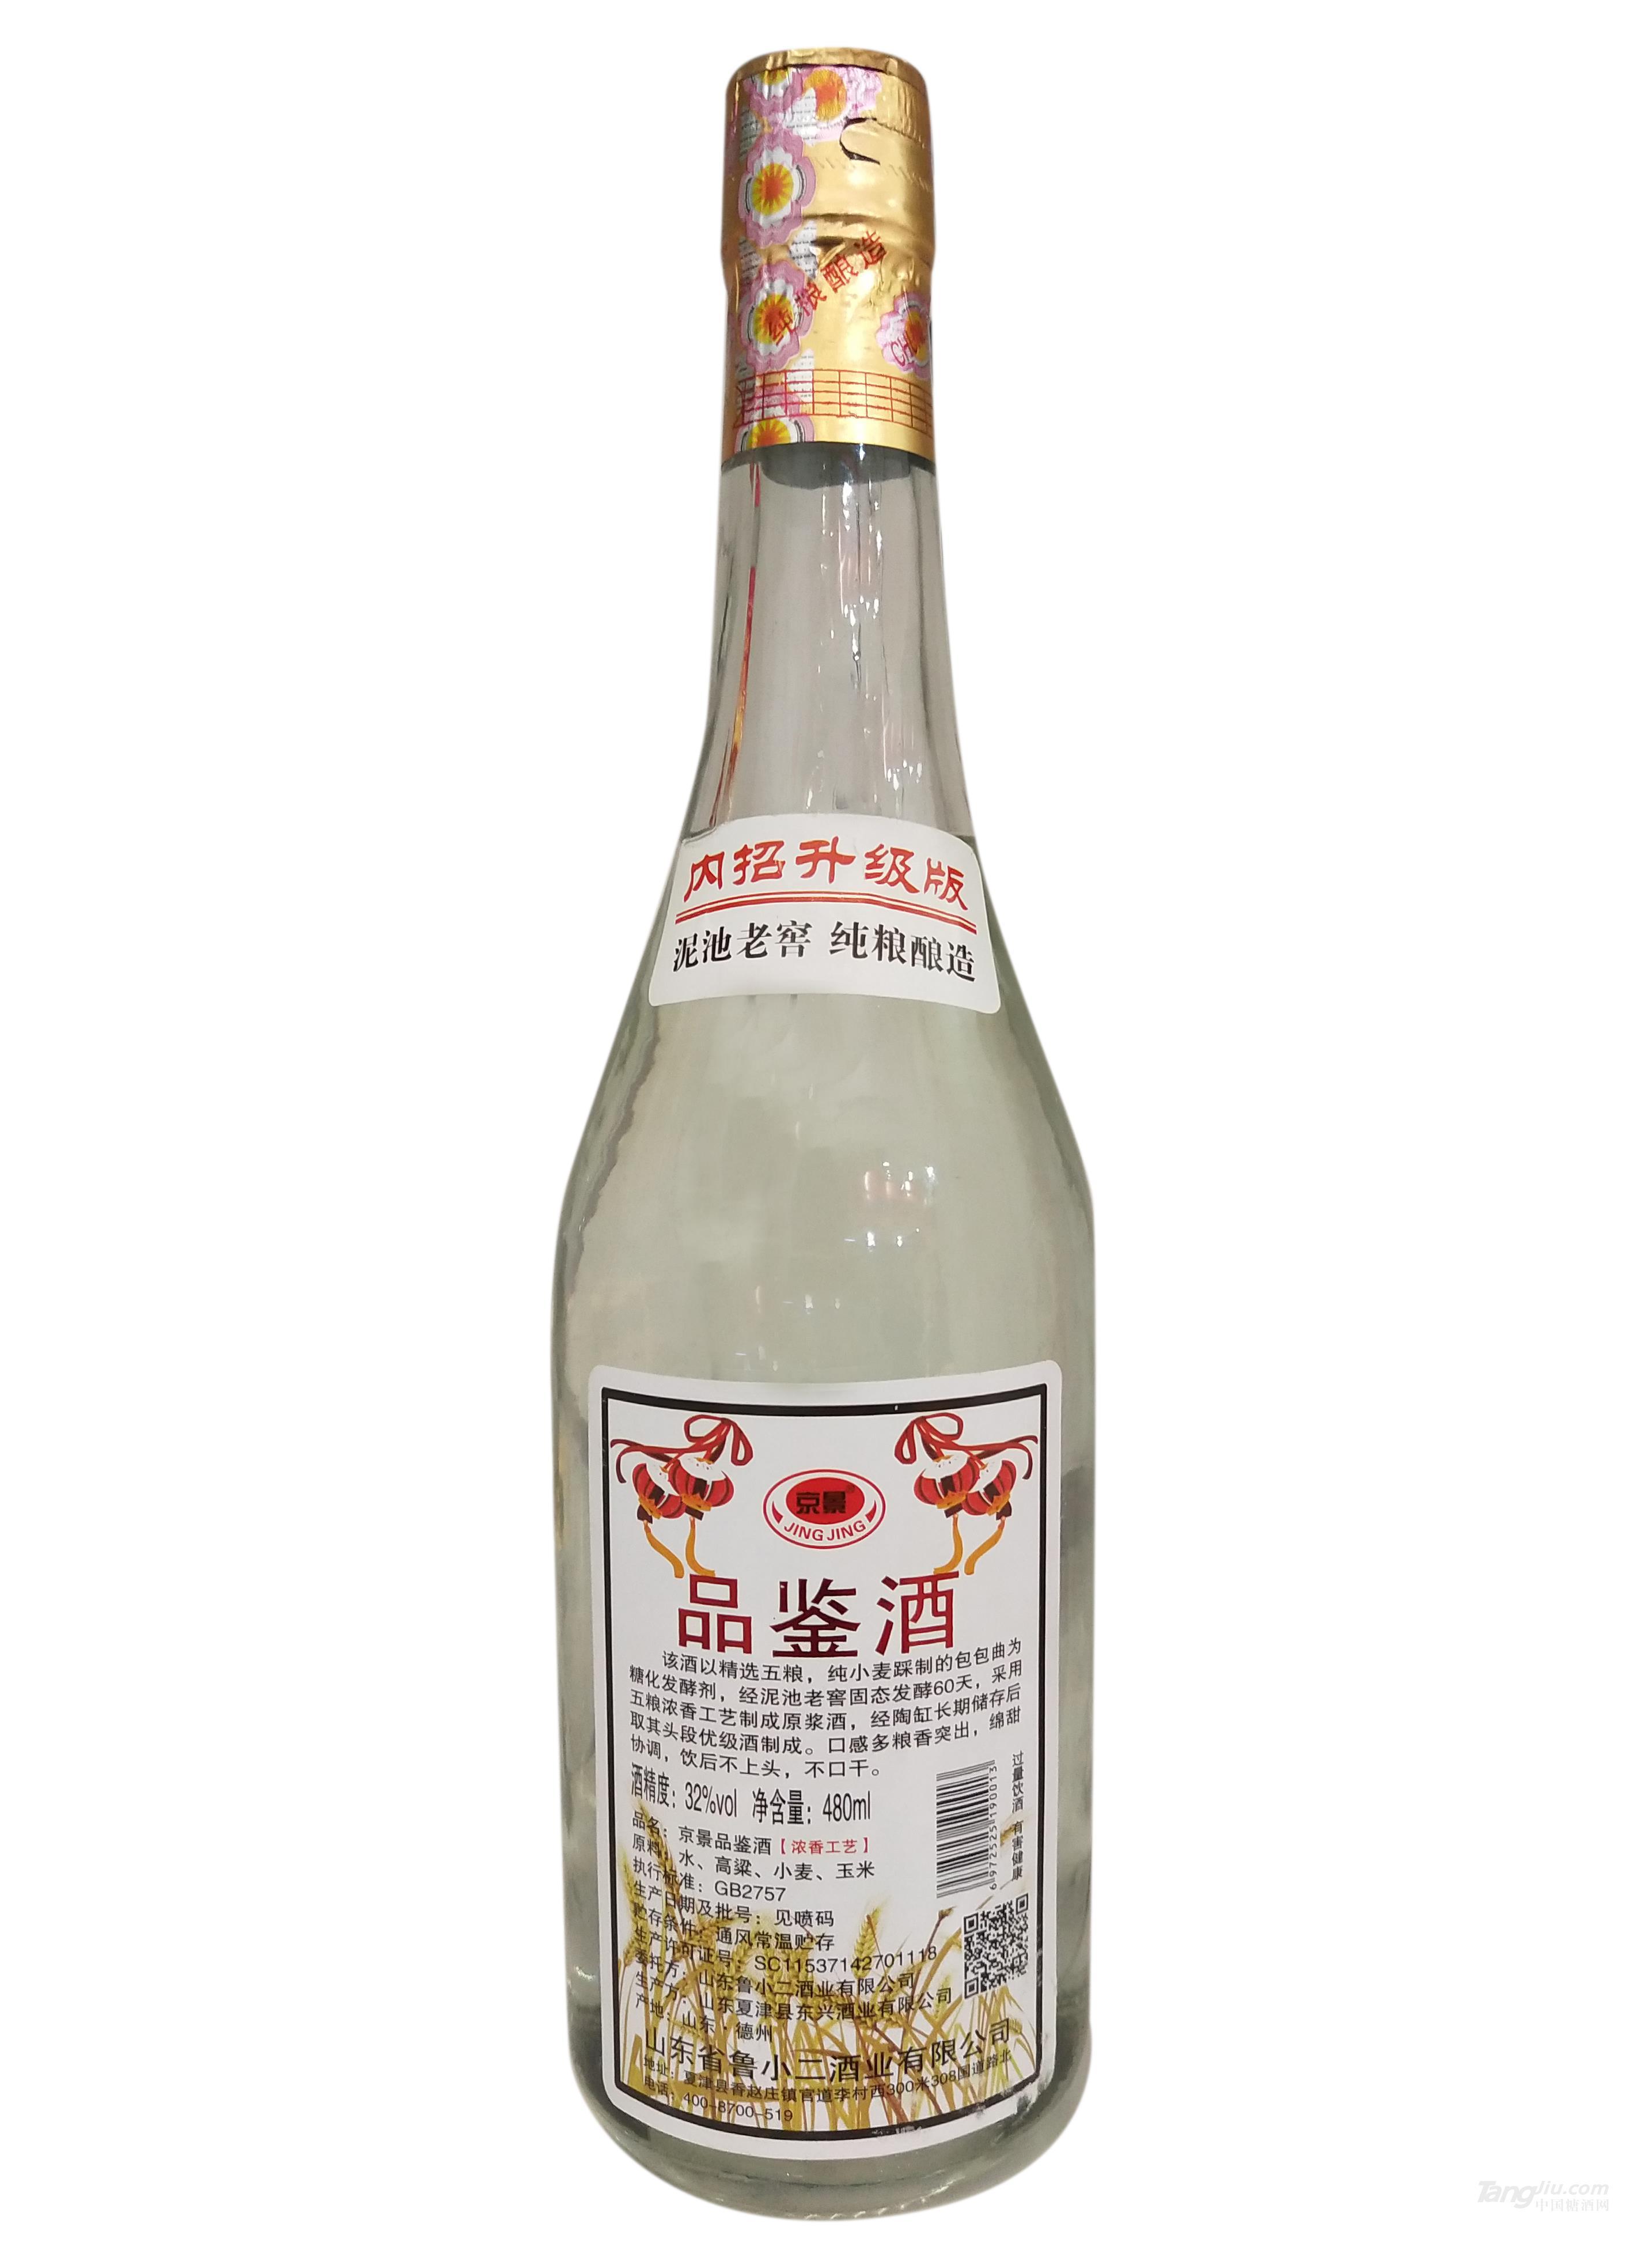 32°京景品鉴酒-480ml